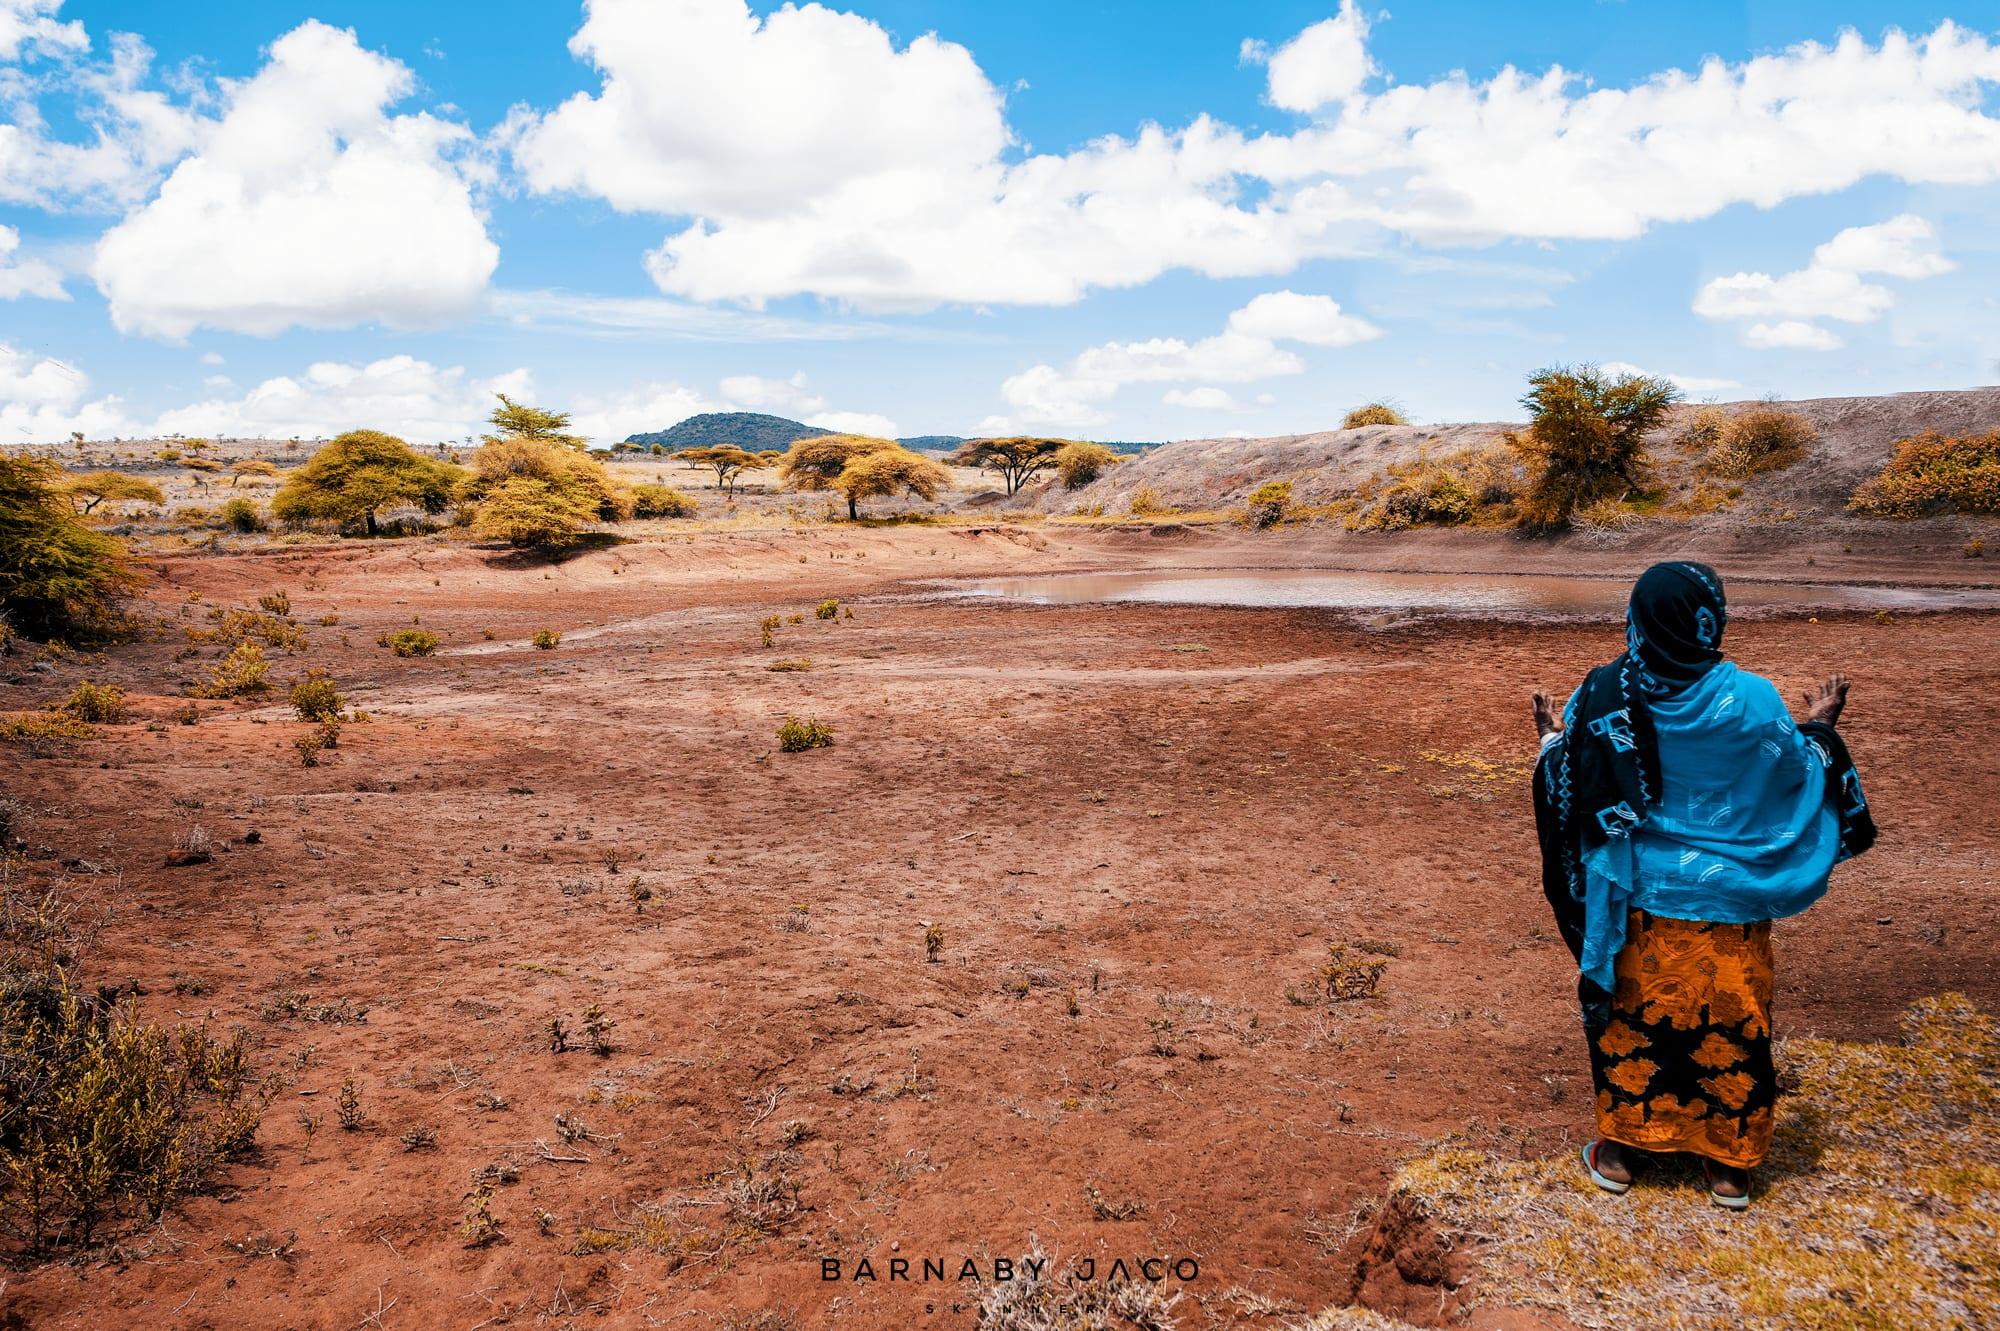 Imaging Ethiopia's Borana Zone